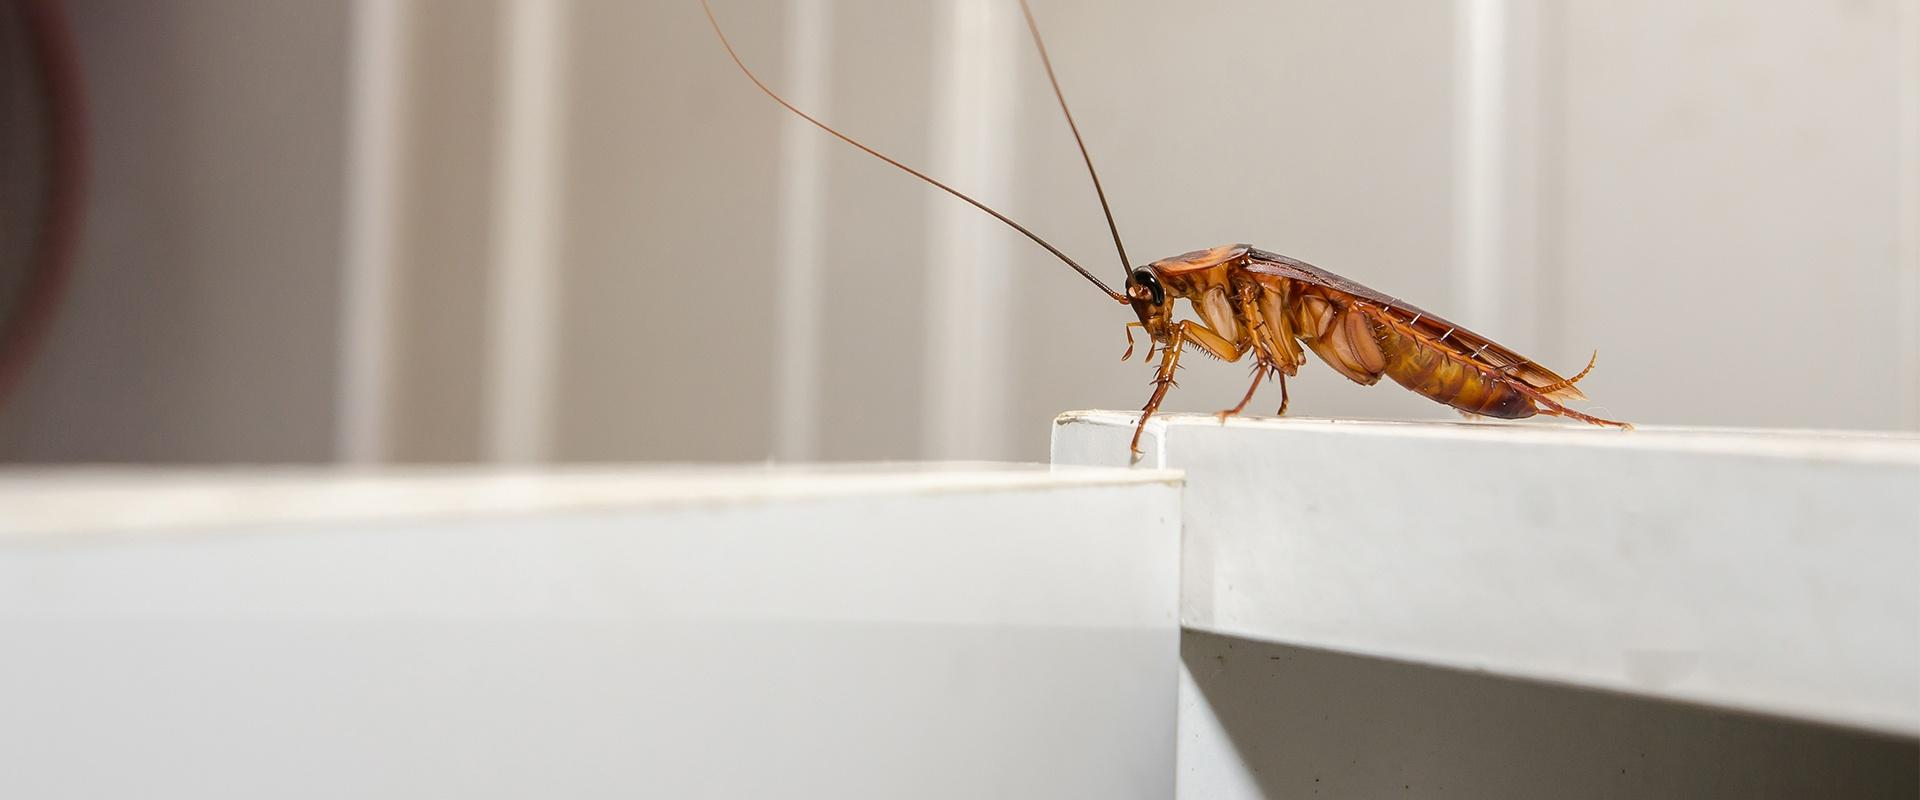 a cockroach on a bathroom sink